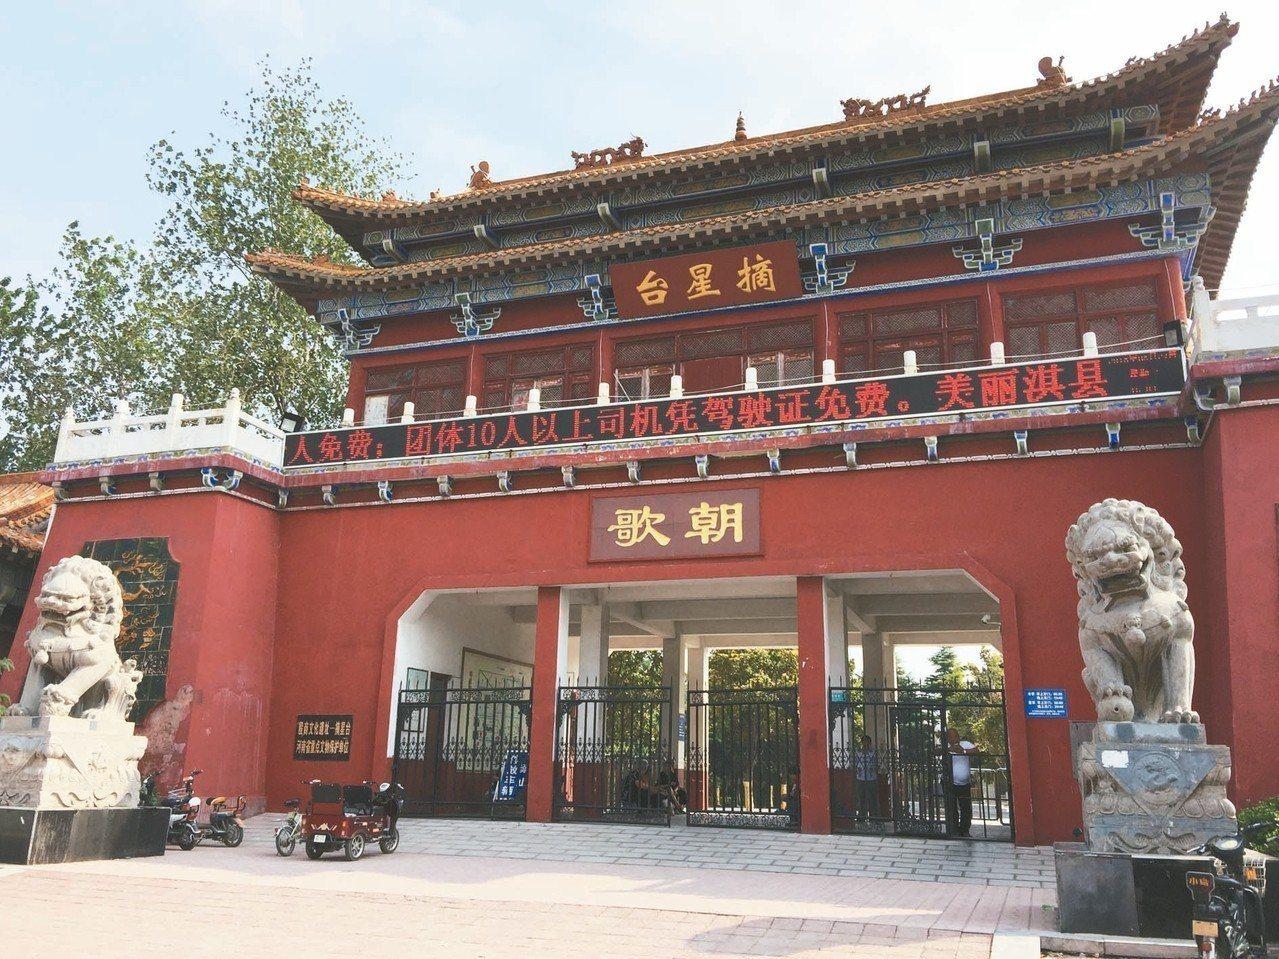 朝歌,華夏文明的主要發祥地之一。 記者汪莉絹/攝影